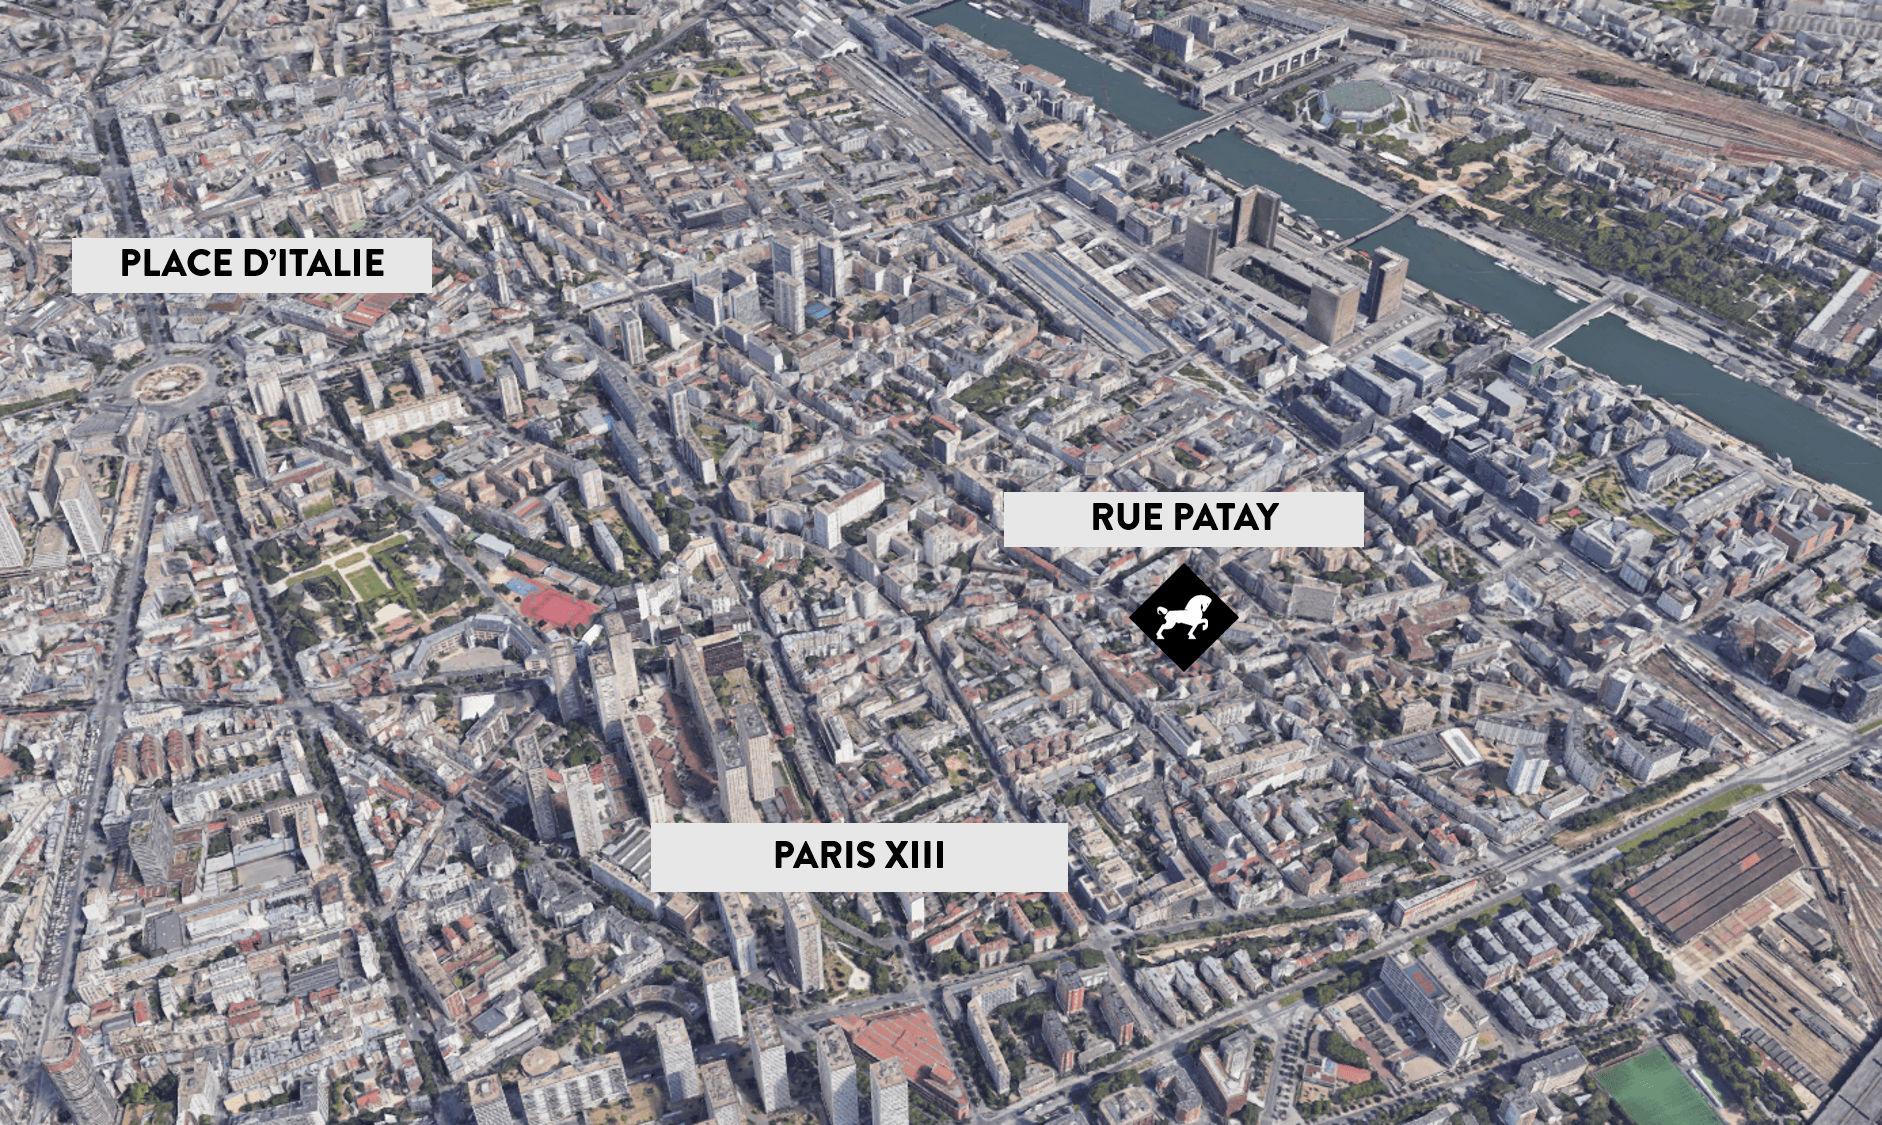 2 pièces à rénover Paris 13ème arrondissement - Cheval Blanc Patrimoine